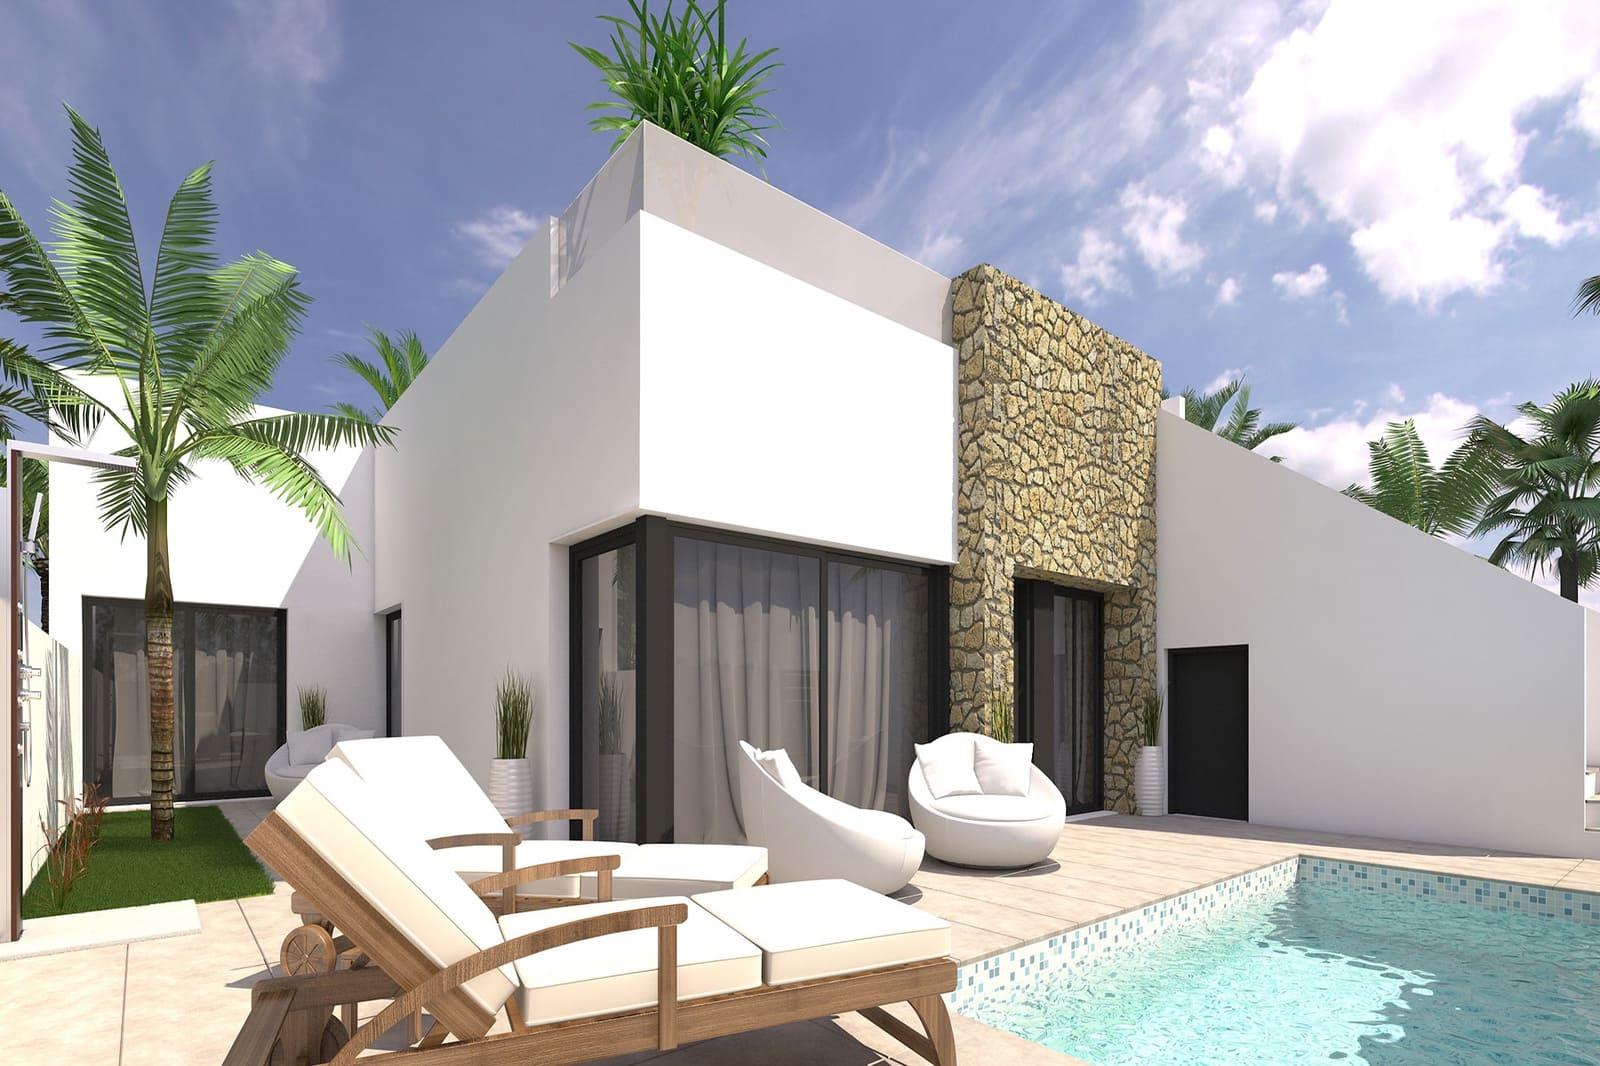 Pareado de 2 habitaciones en Pilar de la Horadada en venta con piscina - 204.900 € (Ref: 5003608)